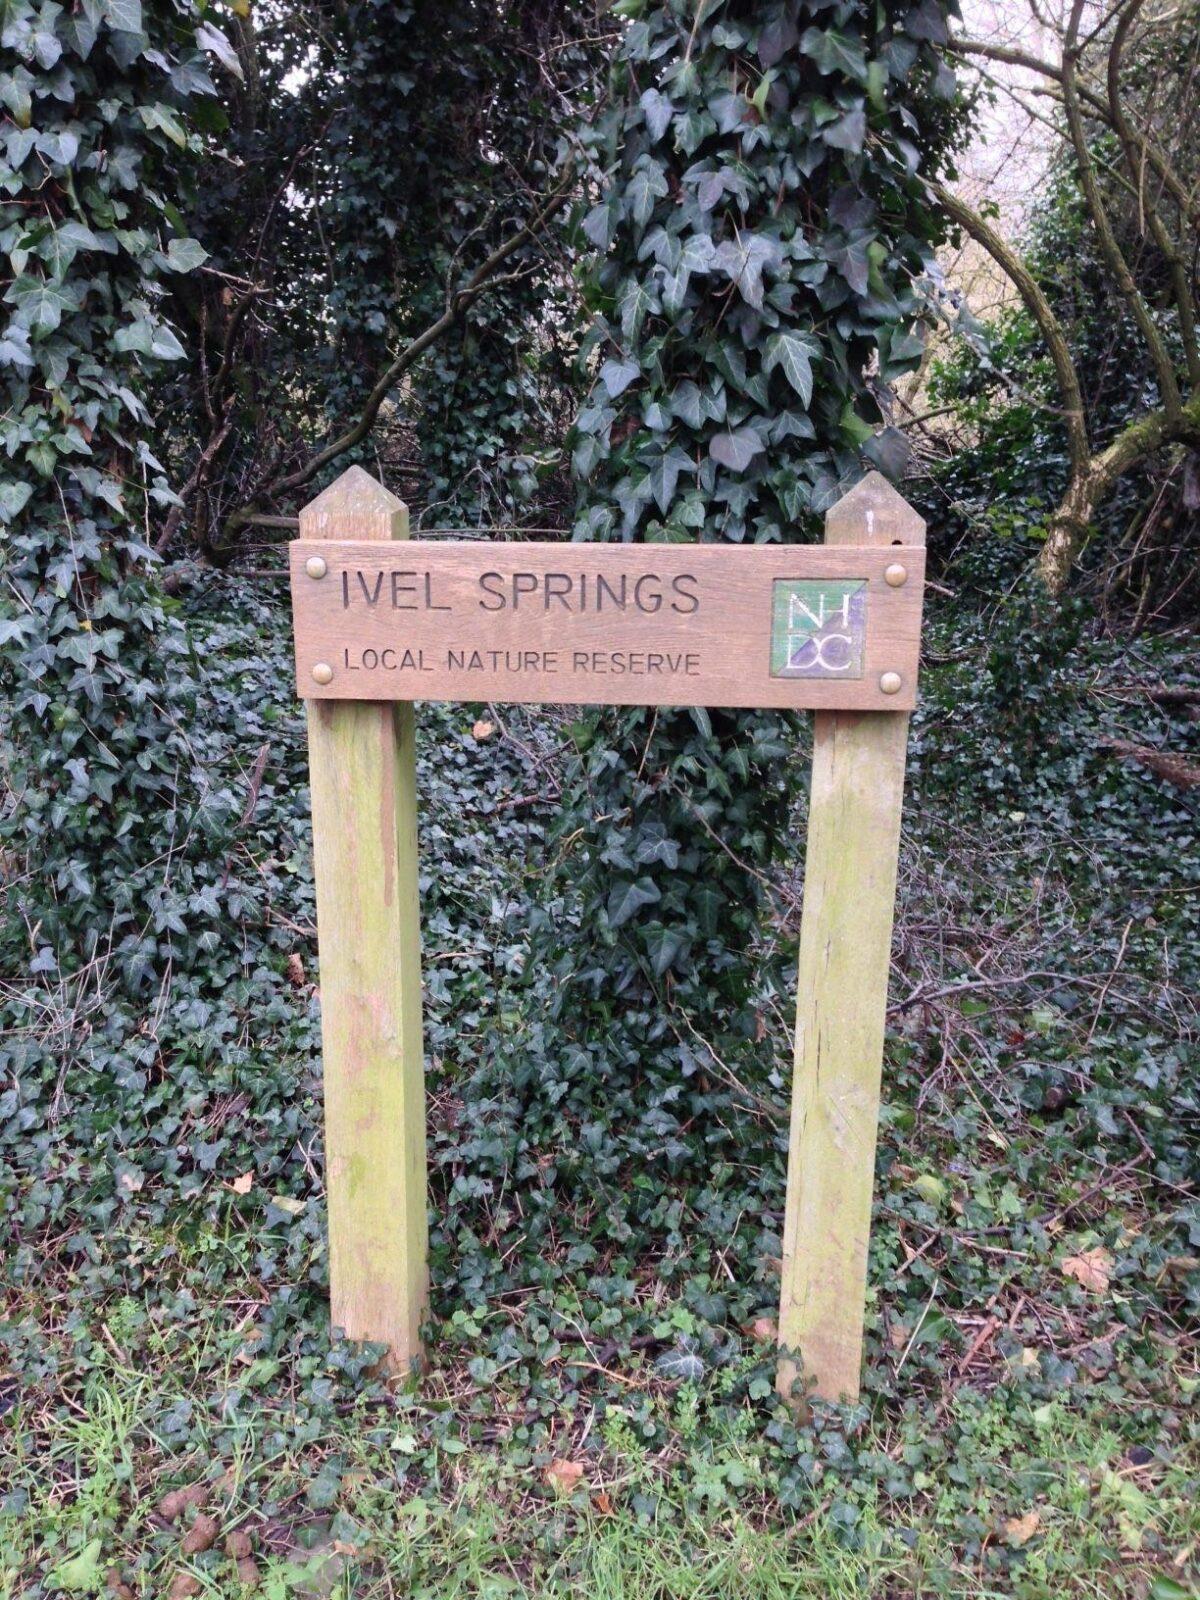 Ivel Springs, Baldock large photo 1